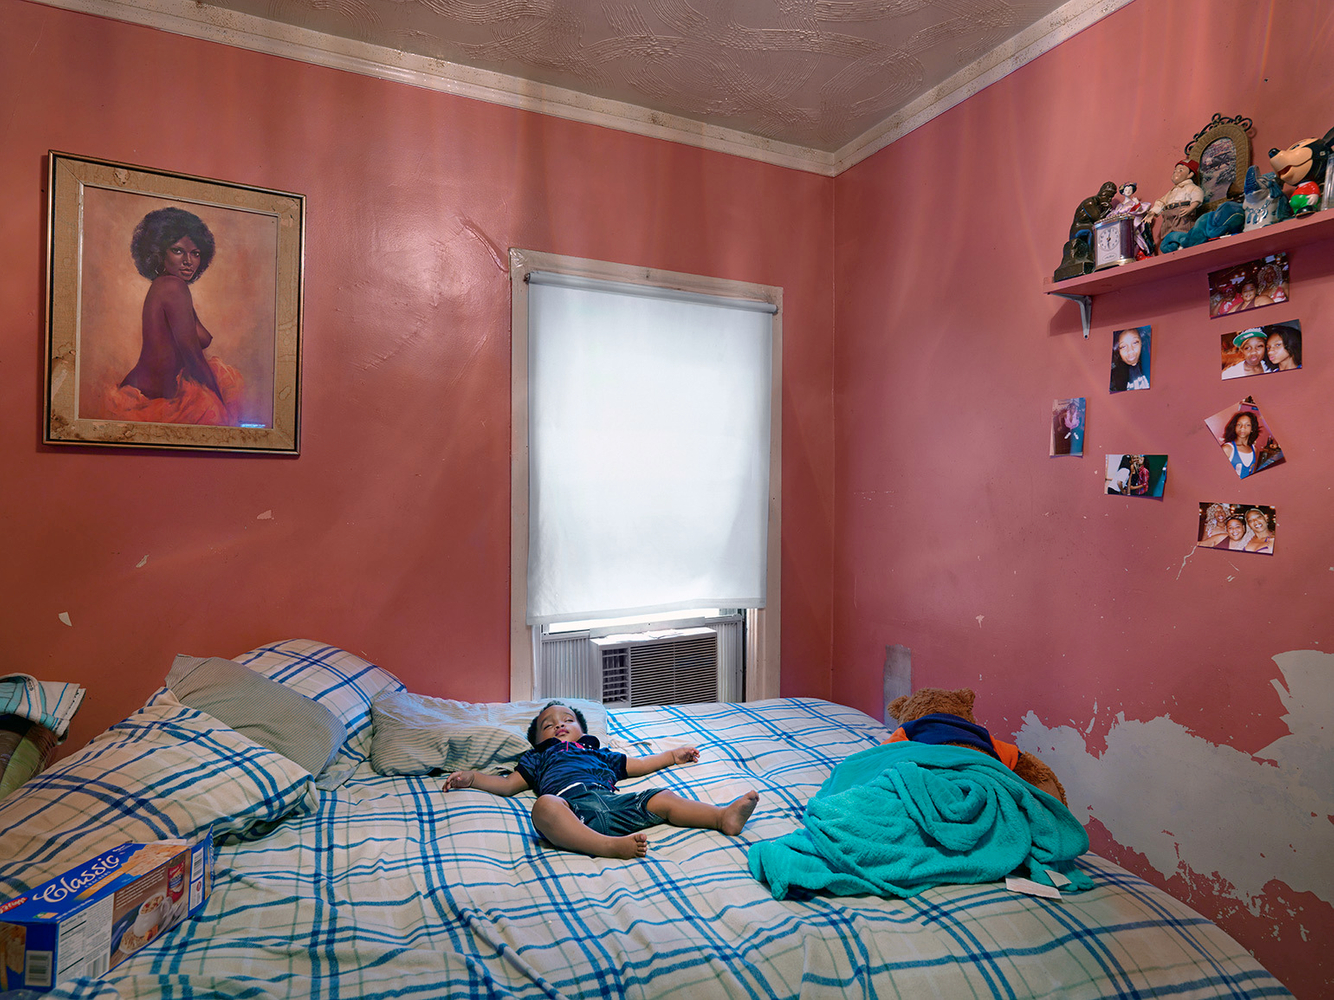 Semira Sleeping in Kat's House, Eastside, Detroit 2012